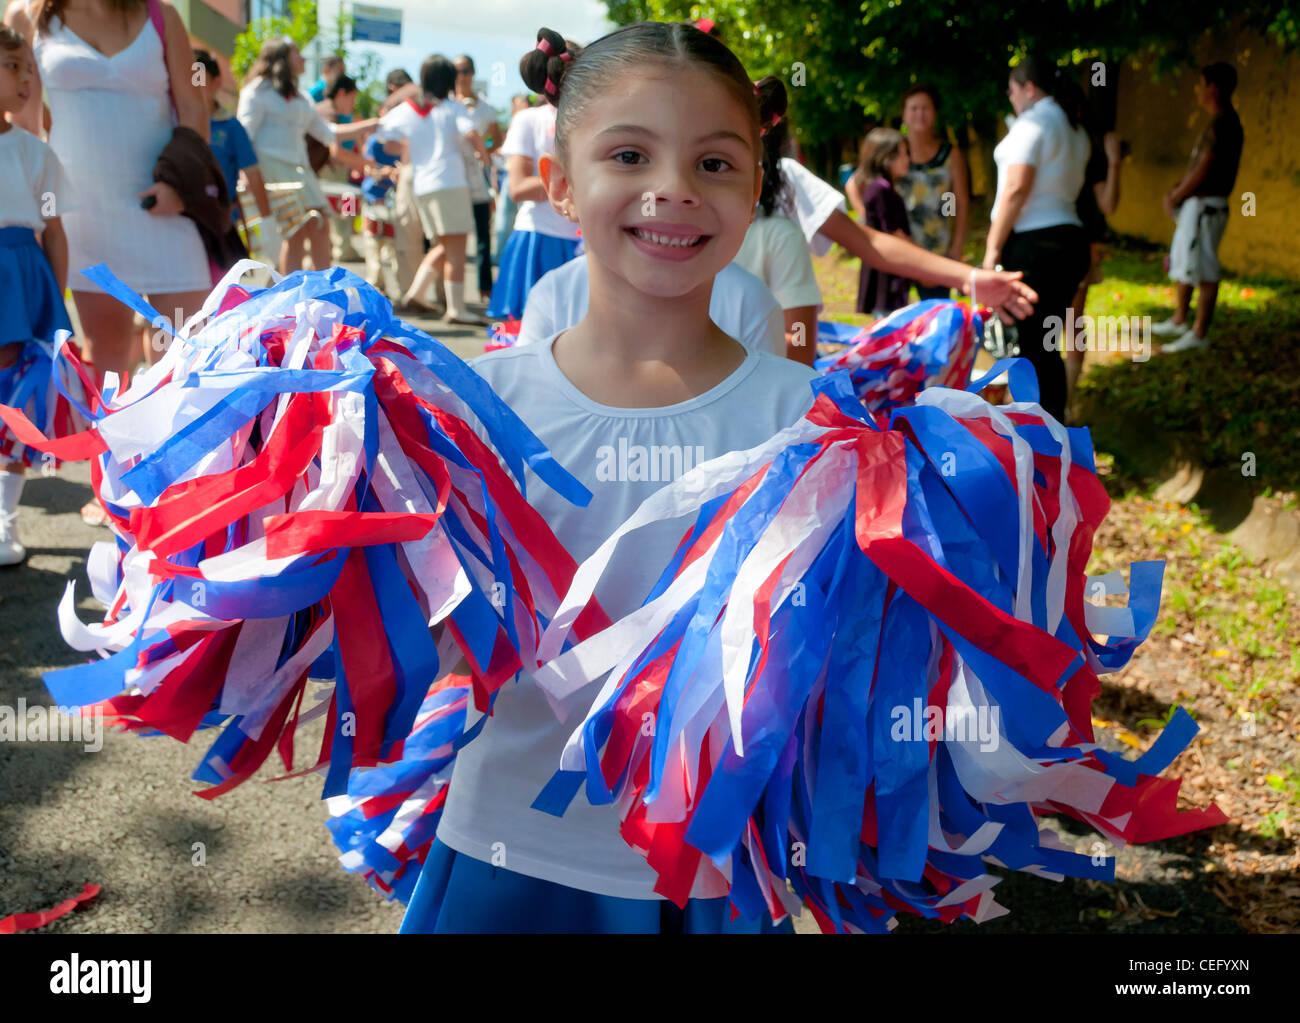 Défilé de jour de l'indépendance de la vallée centrale du Costa Rica Photo Stock